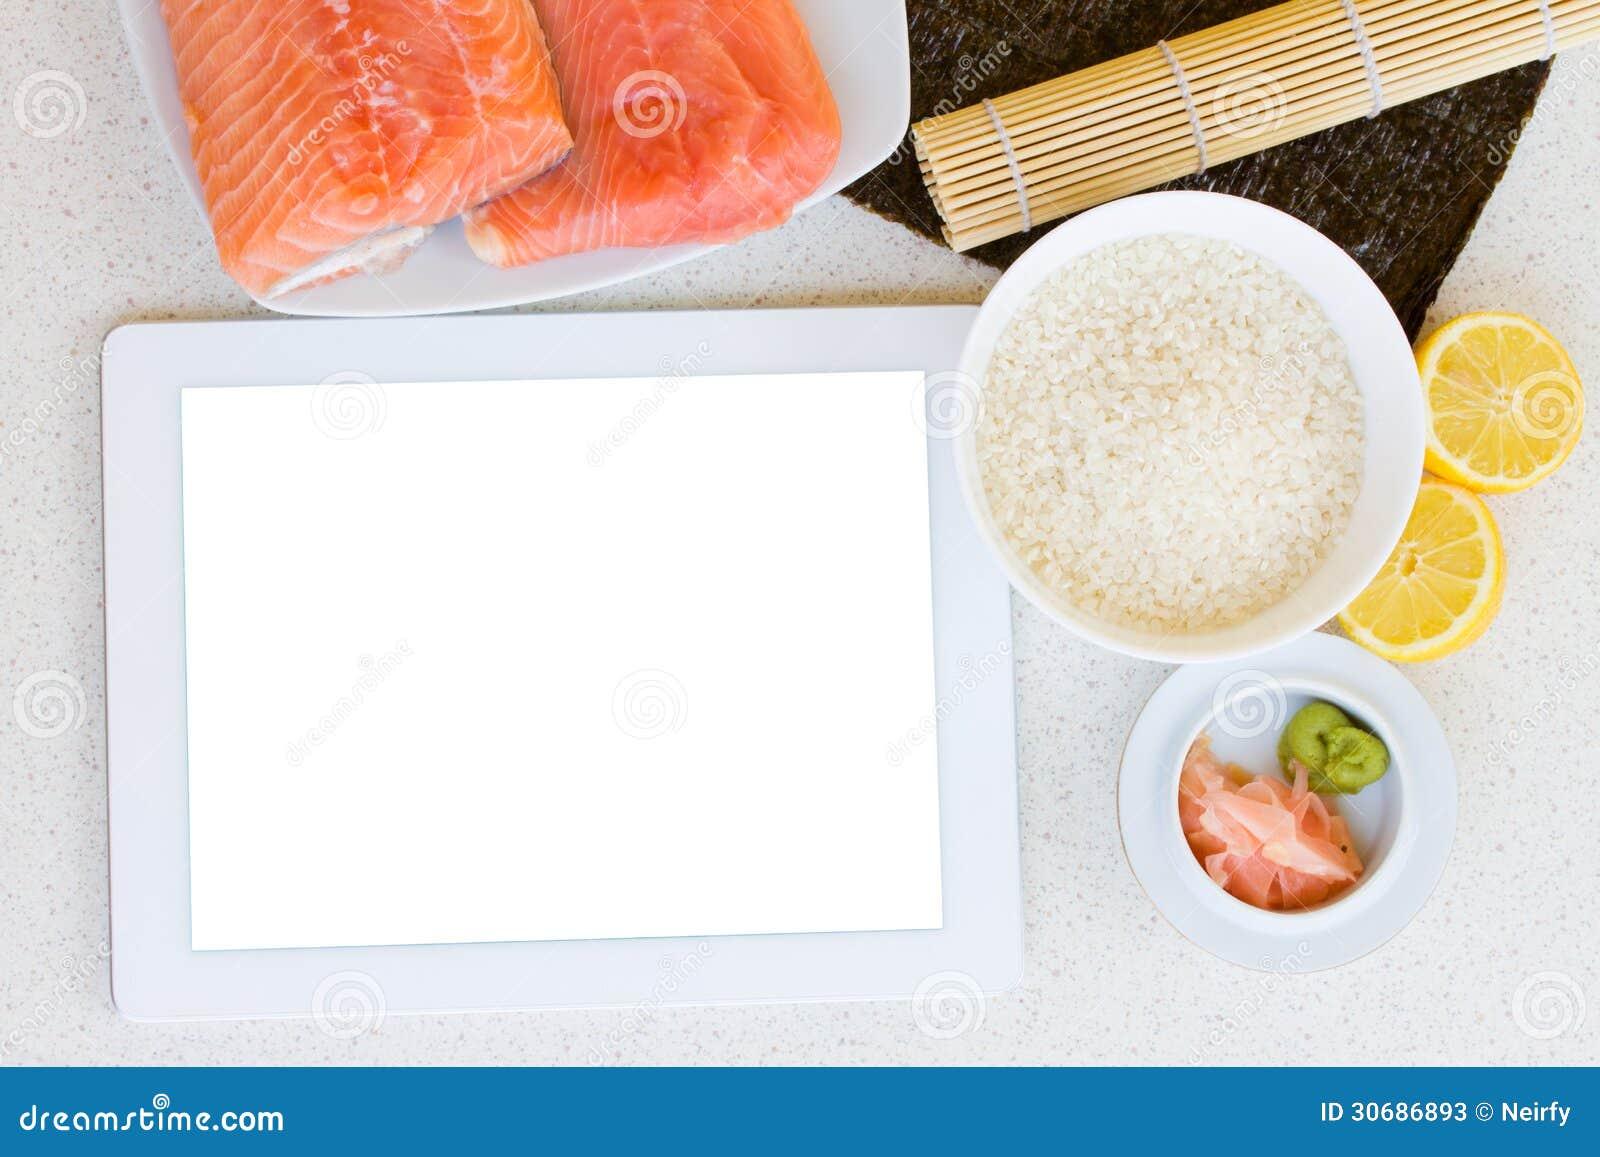 Japanese Kitchen Coo Menu